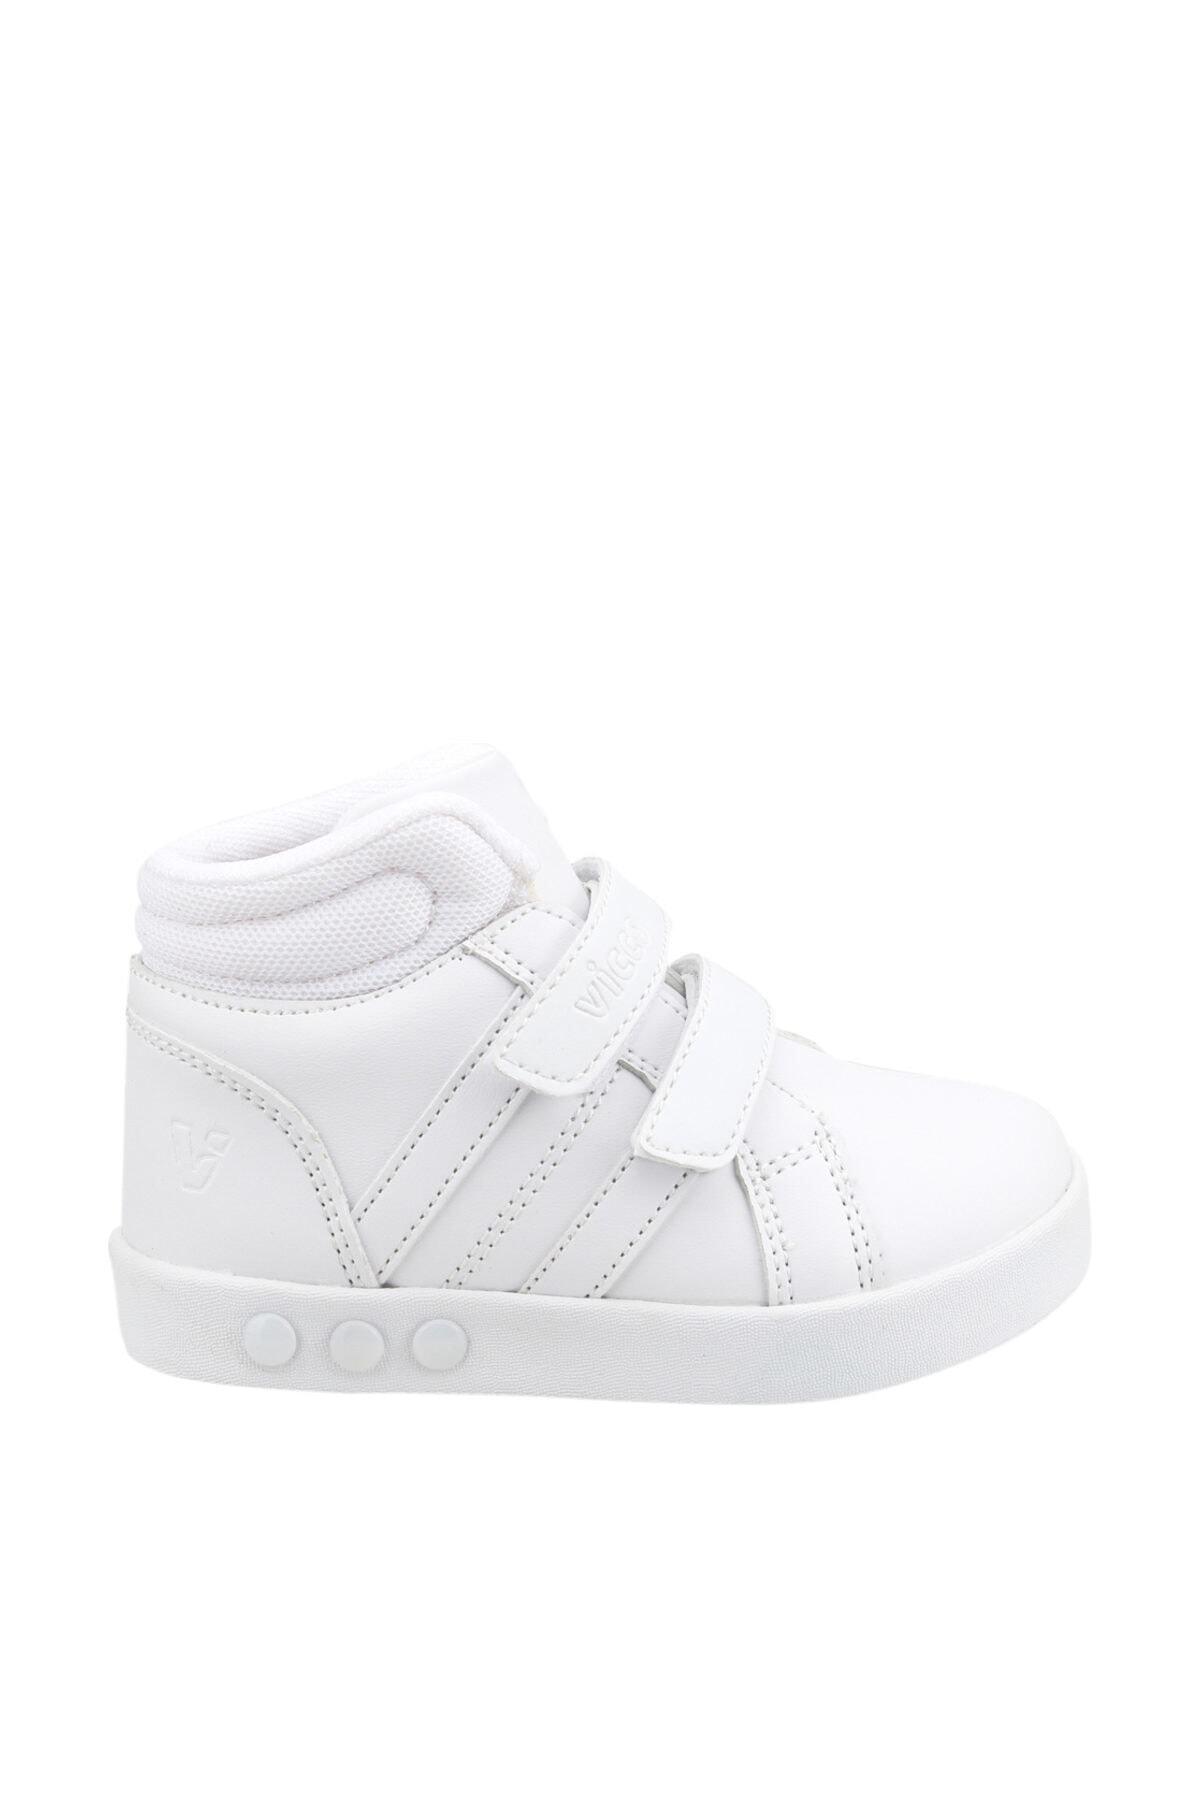 313.b19k.104 Işıklı Kız/erkek Çocuk Spor Bot Ayakkabı 19kayvic0000003